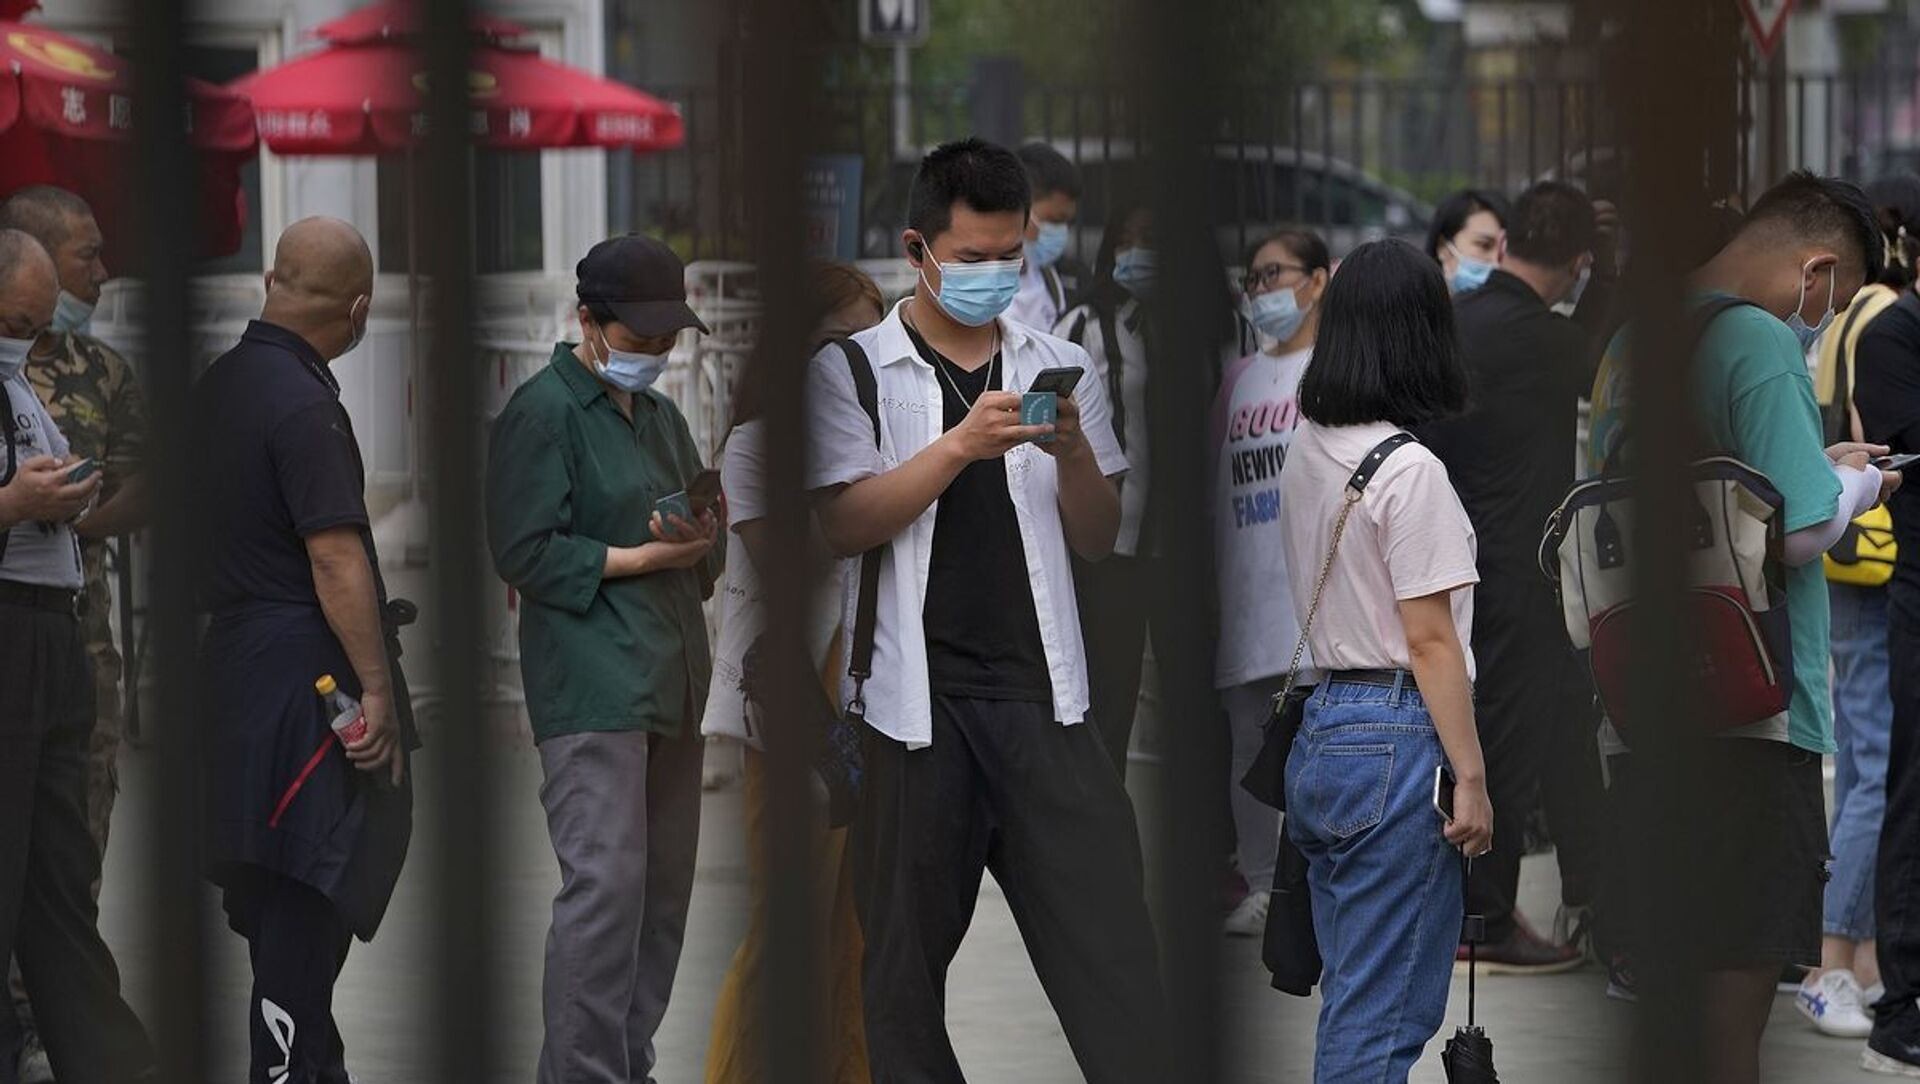 Люди в масках на улице в Пекине - Sputnik Азербайджан, 1920, 05.09.2021